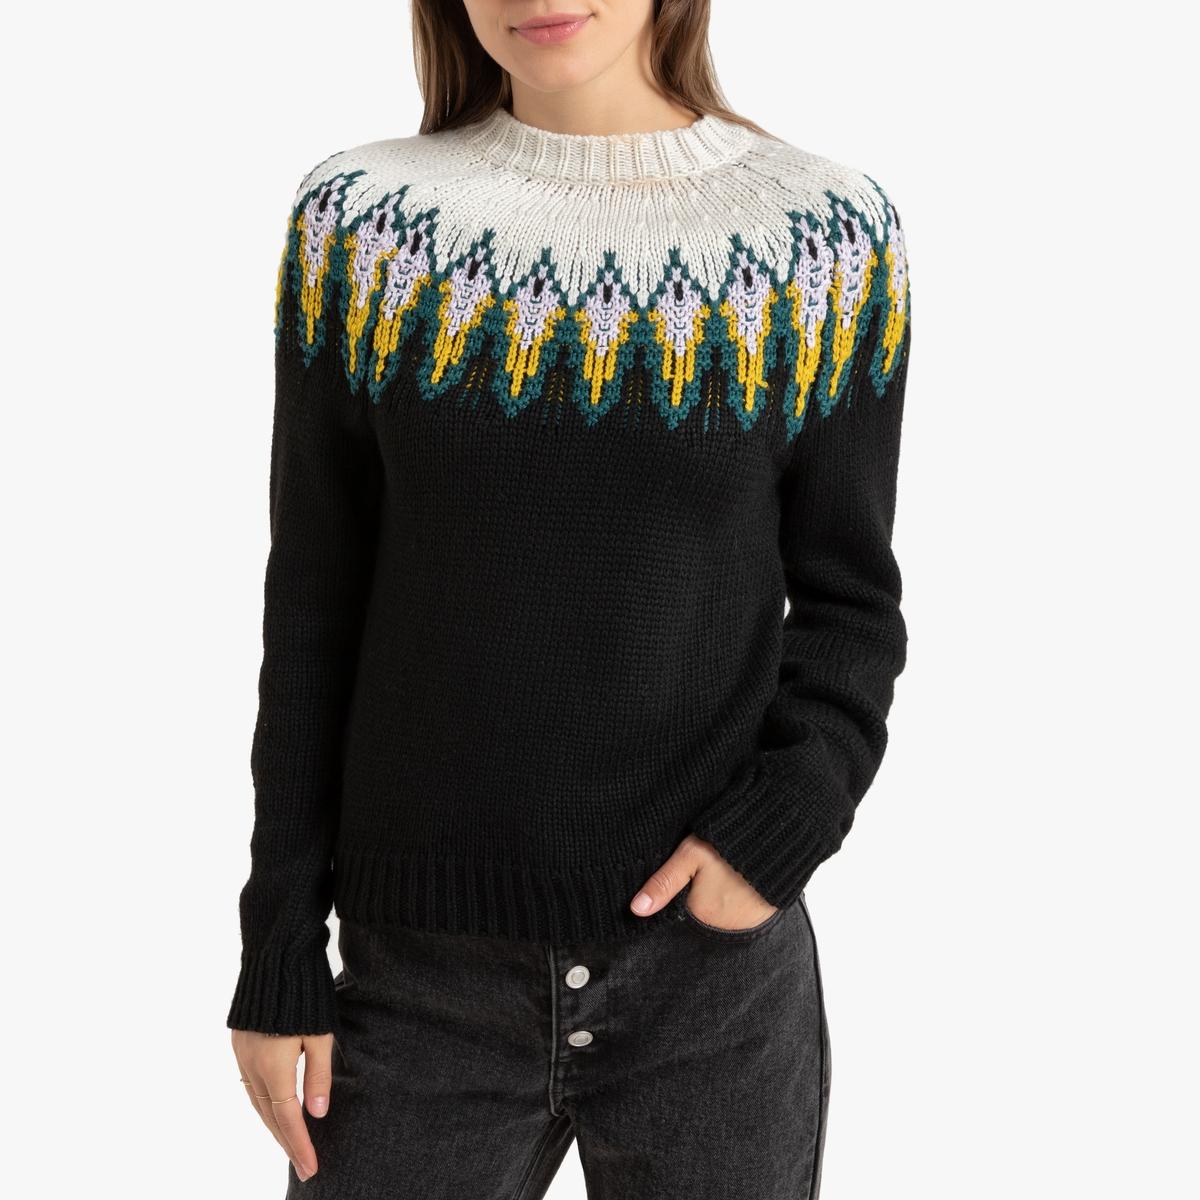 Пуловер La Redoute Жаккардовый с круглым вырезом XL черный пуловер la redoute с круглым вырезом из шерсти мериноса pascal 3xl черный